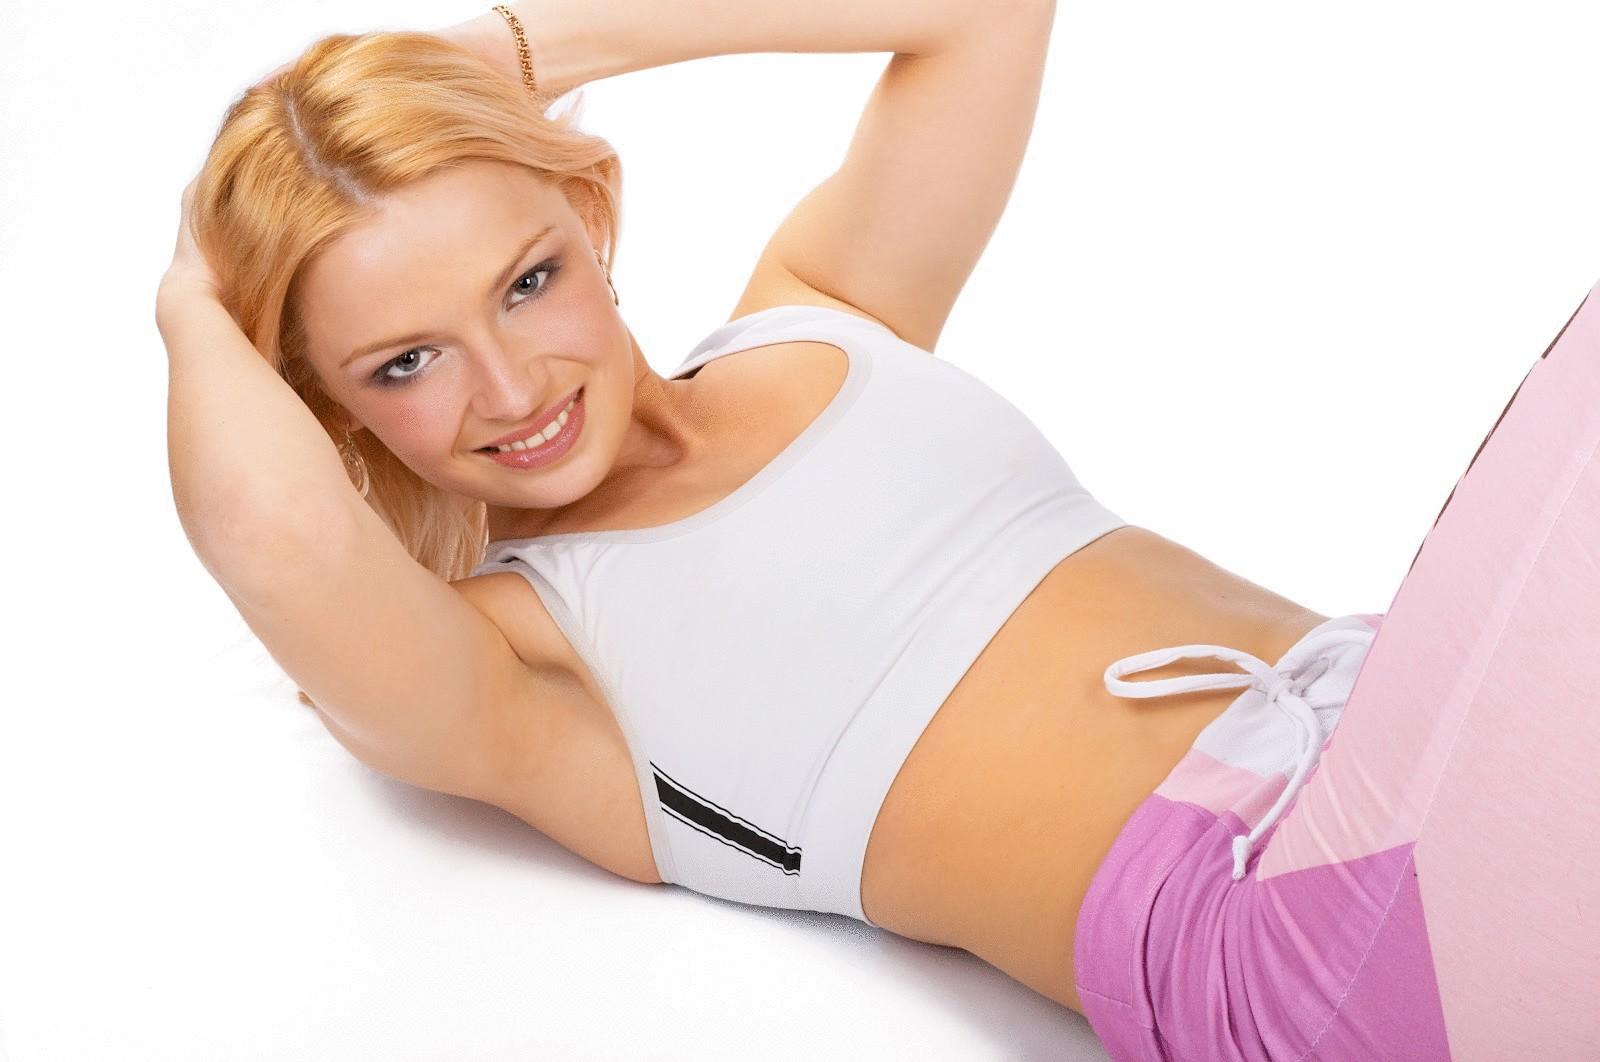 Операция по удалению образований в груди